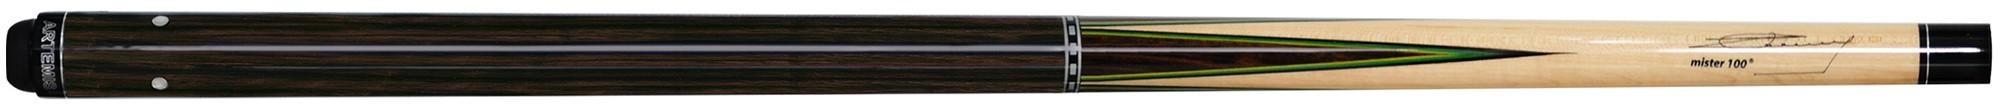 Artemis Mister 100® 4-punts Geel/groen